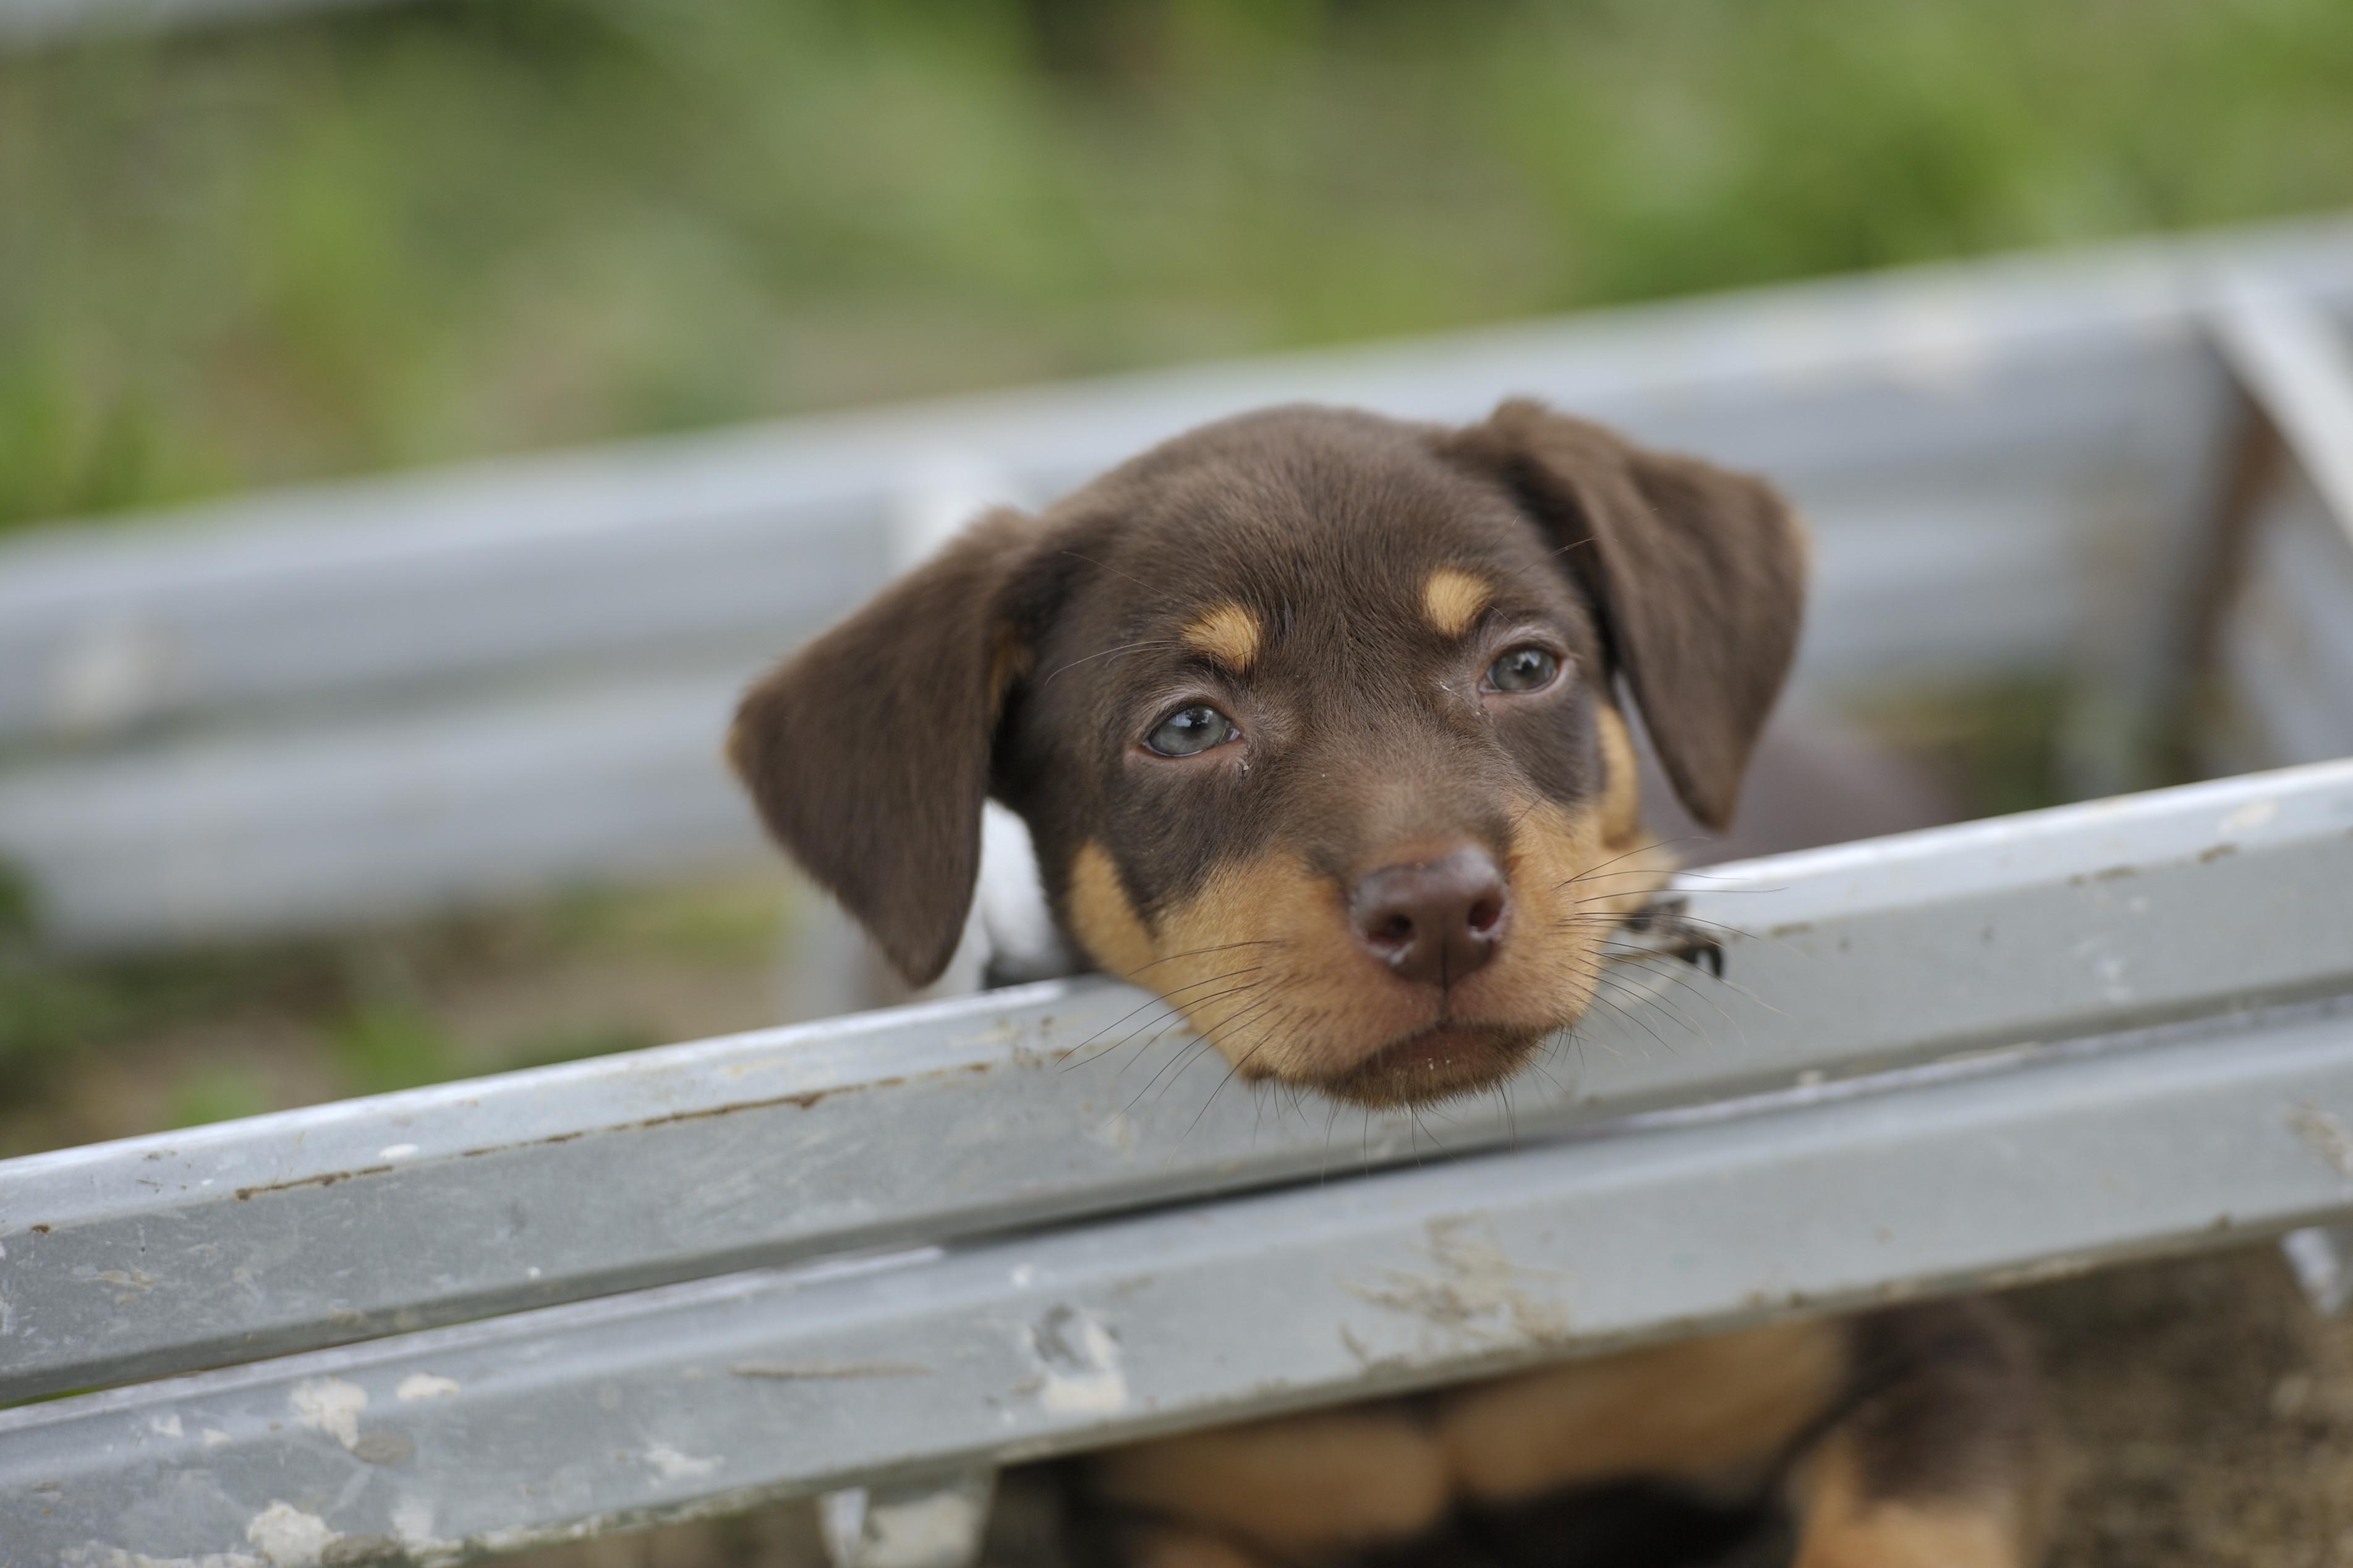 kelpie dog